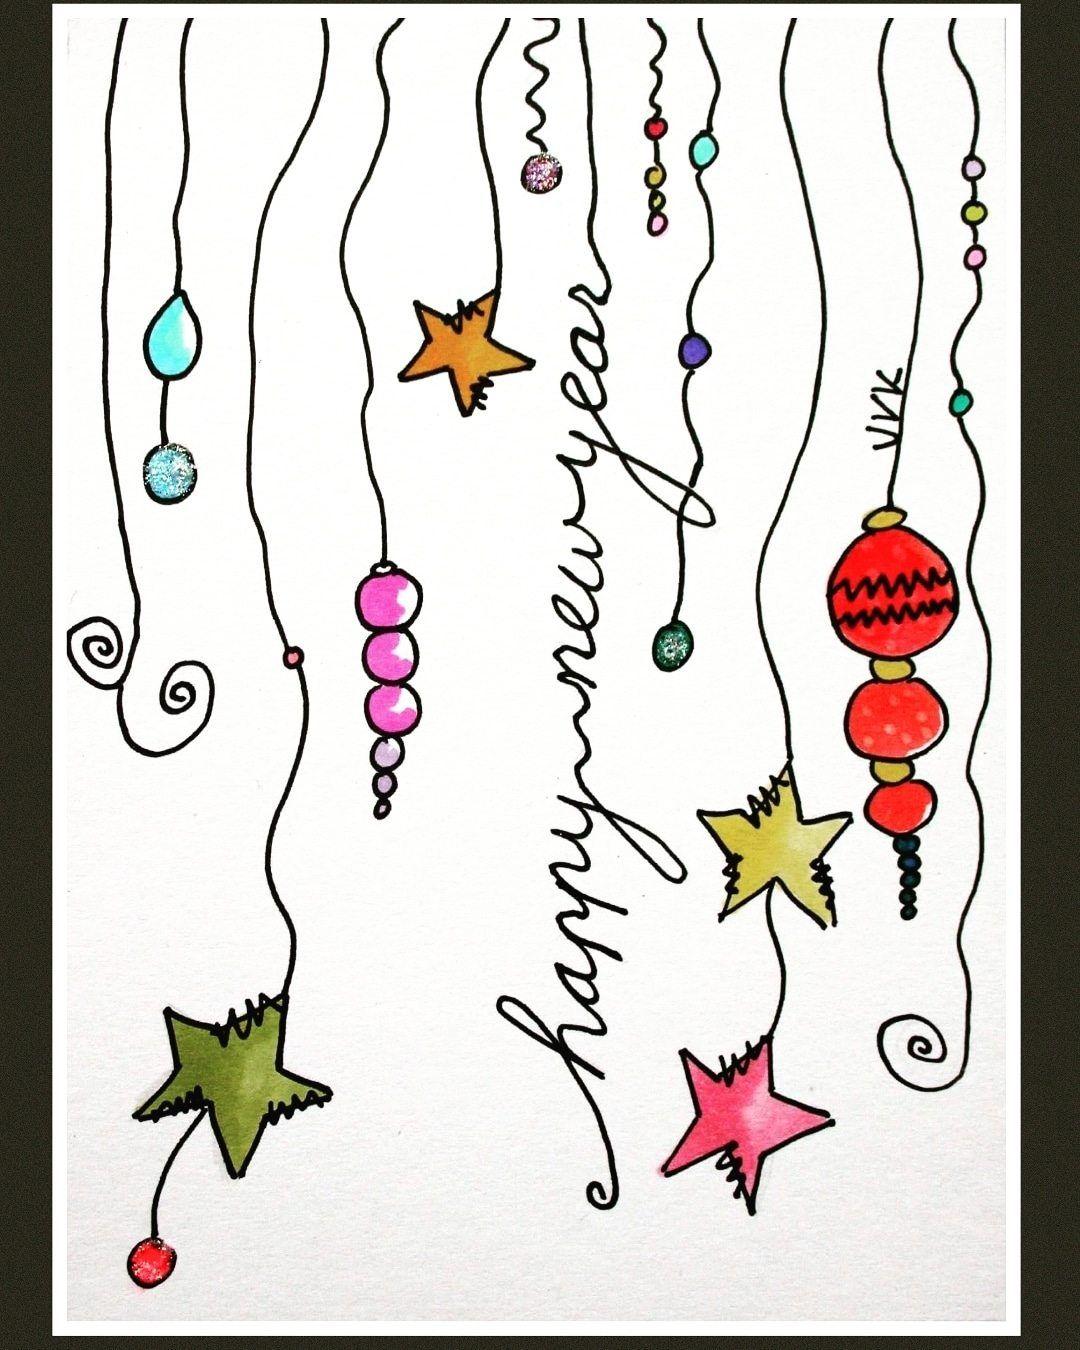 gelukkig nieuwjaar kerst kaarten handgemaakte